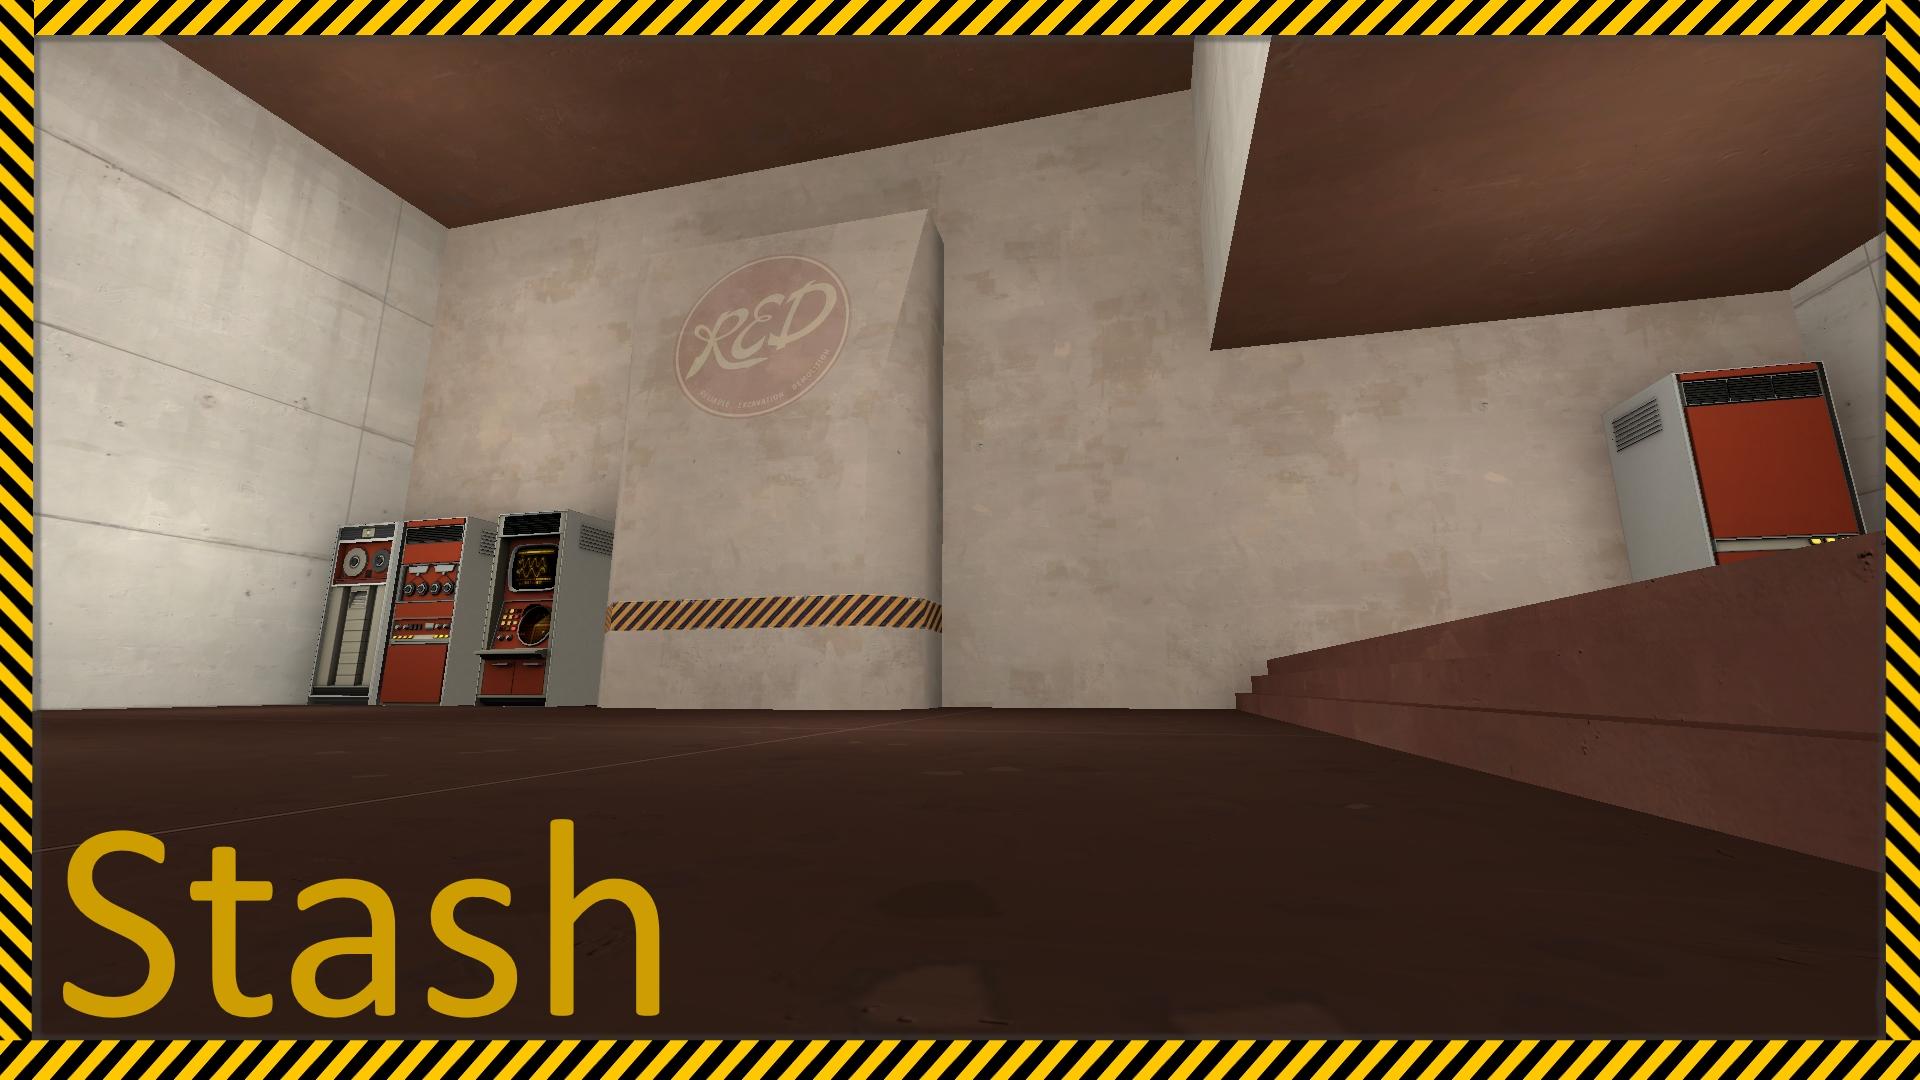 stash_b4_2.jpg